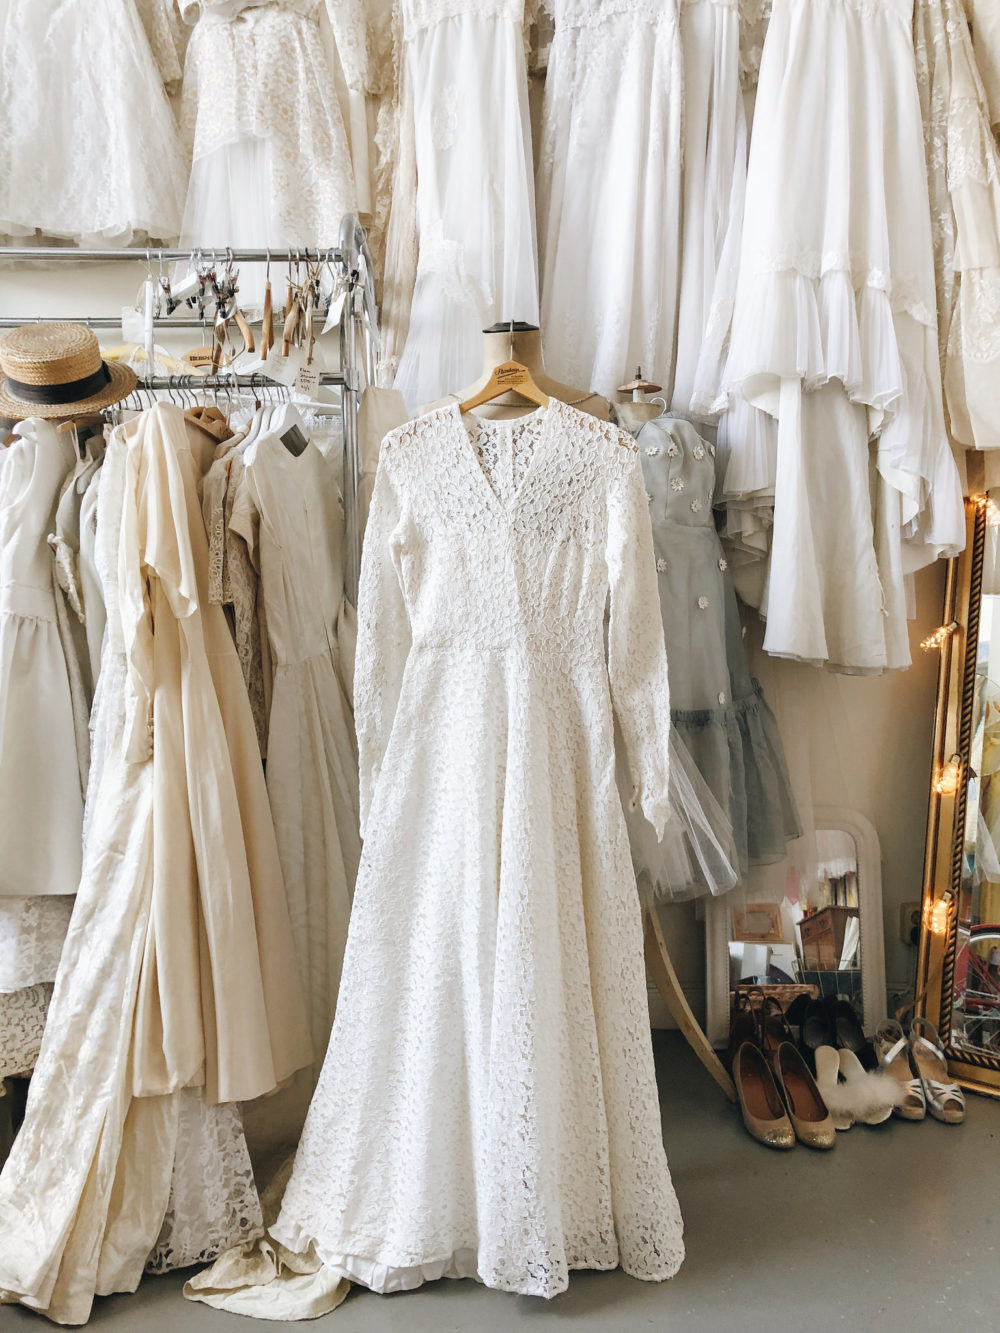 11 nya vintagebröllopsklänningar jag köpte igår | Elsa Billgren